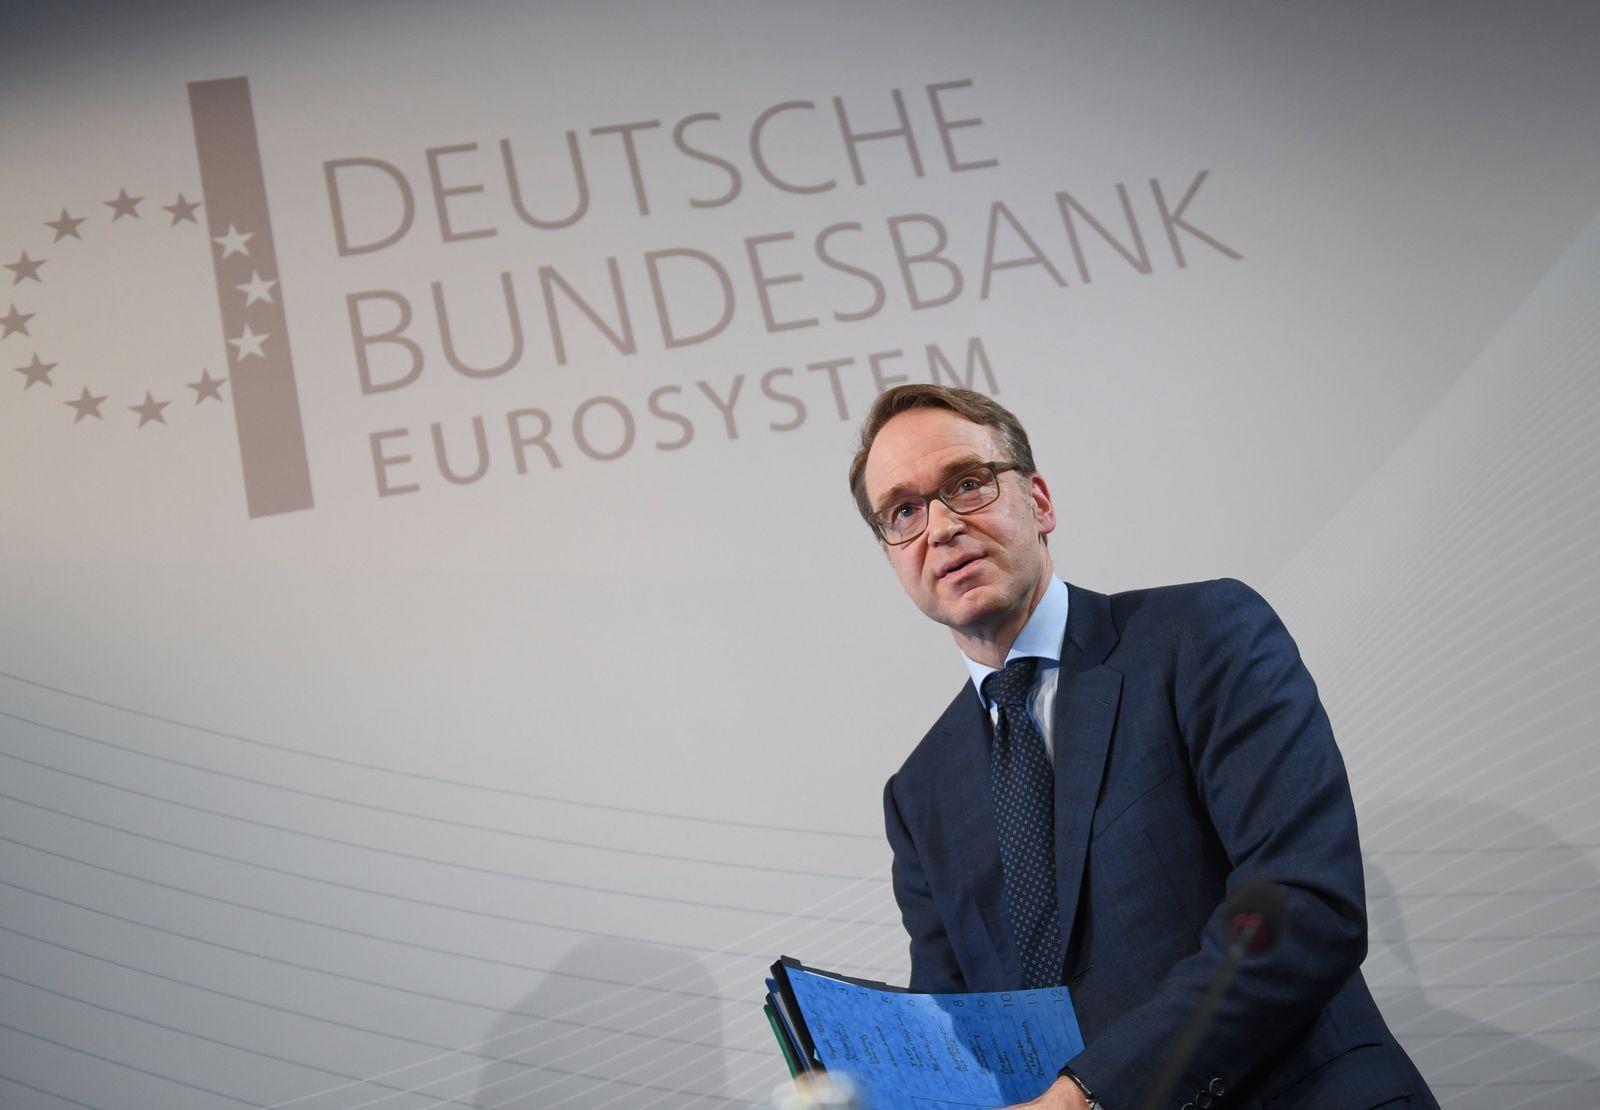 Deutsche Bundesbank - Jens Weidmann